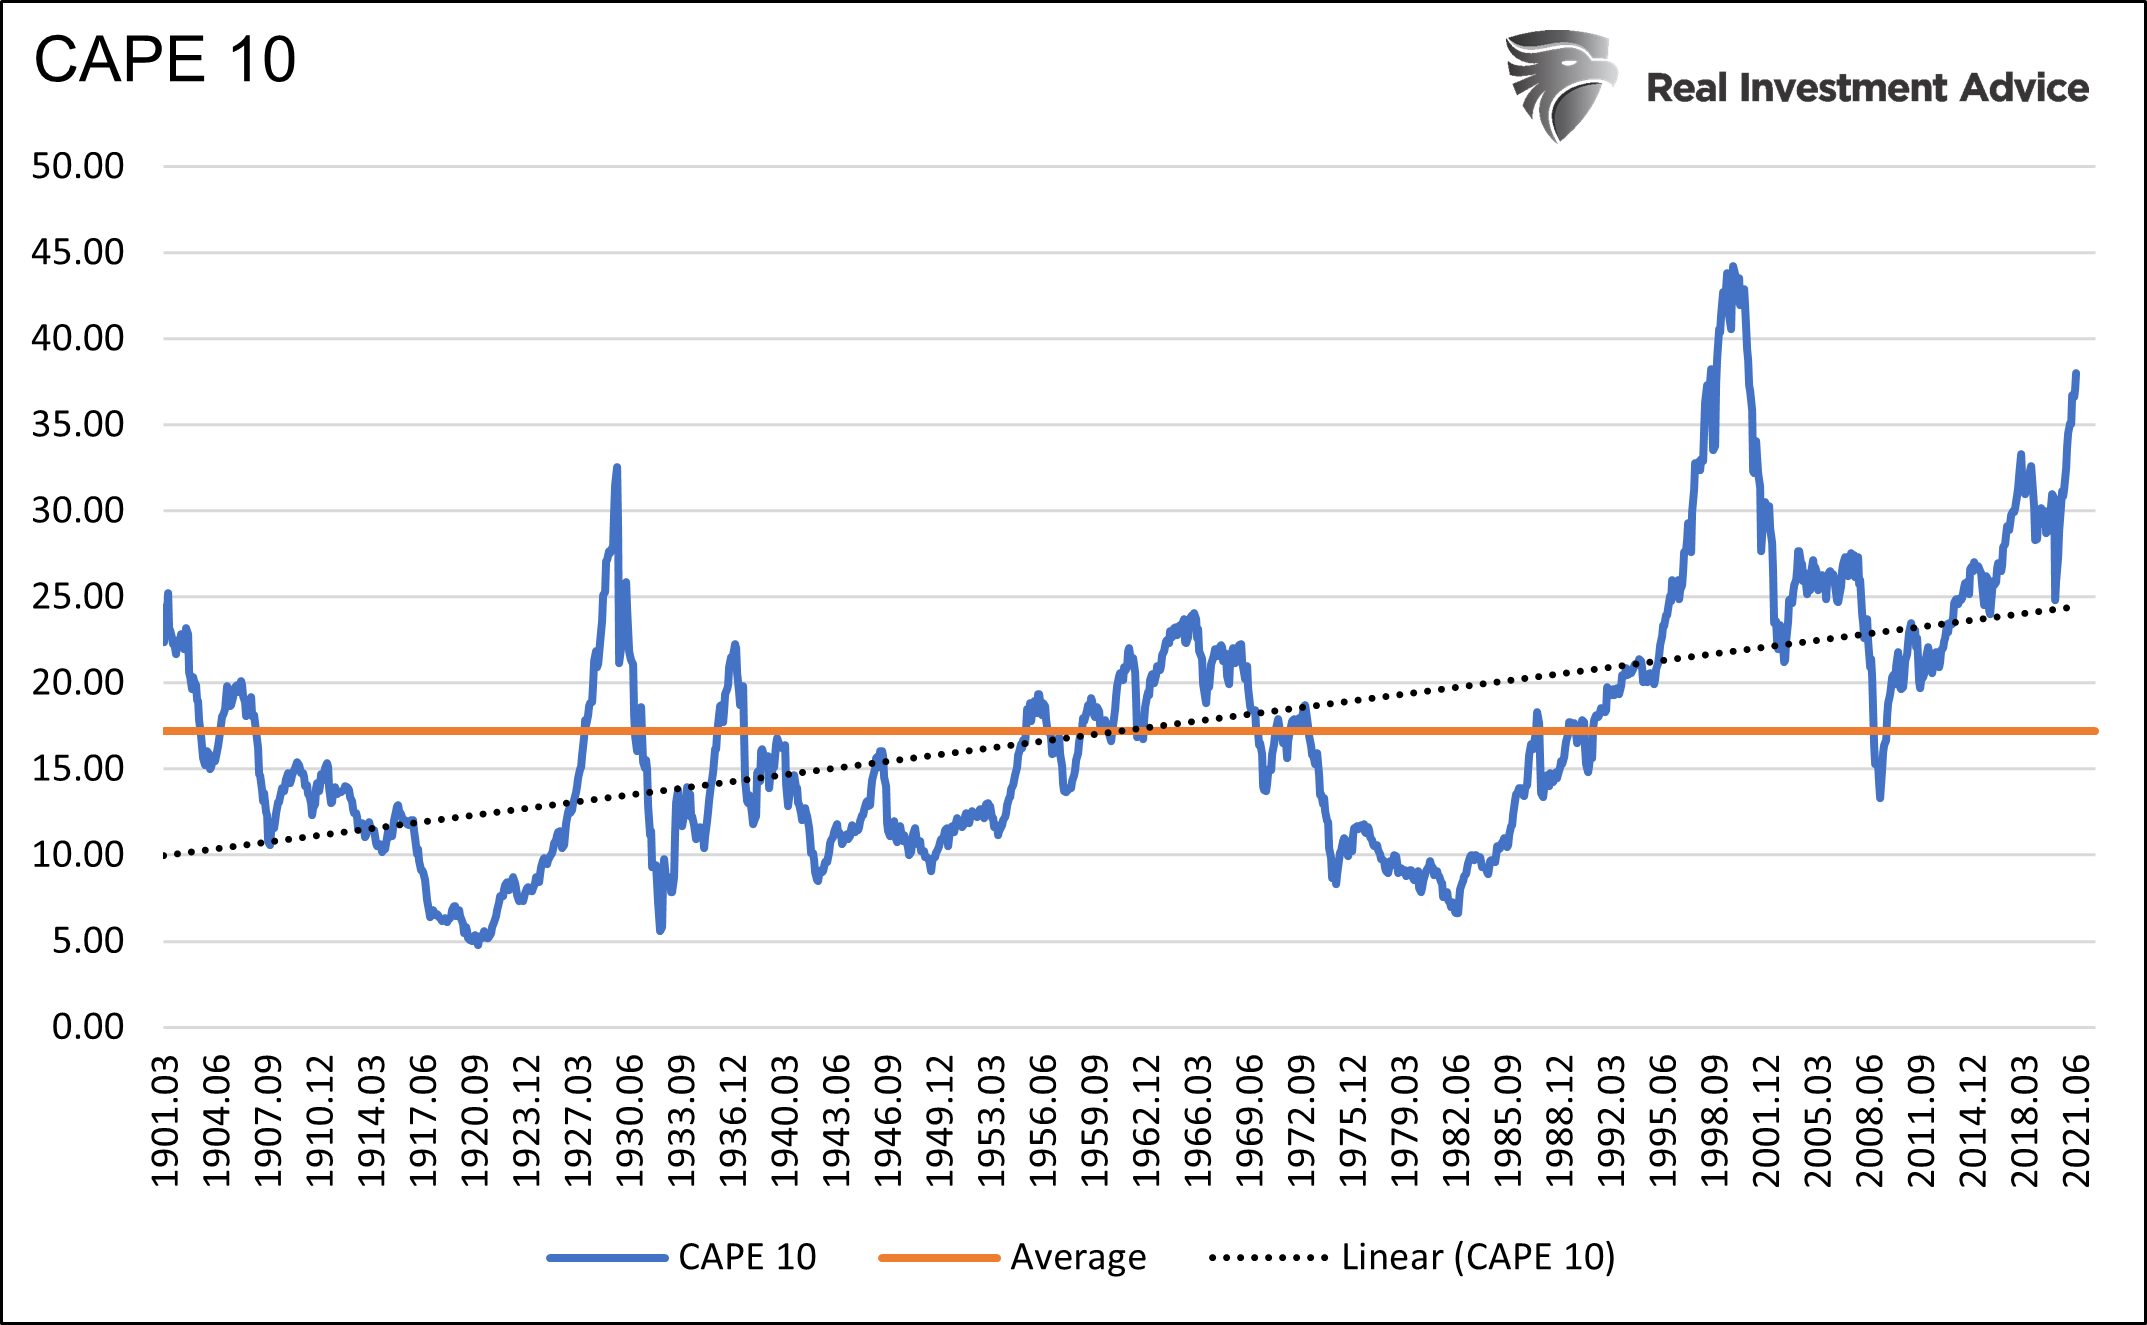 CAP 10 chart